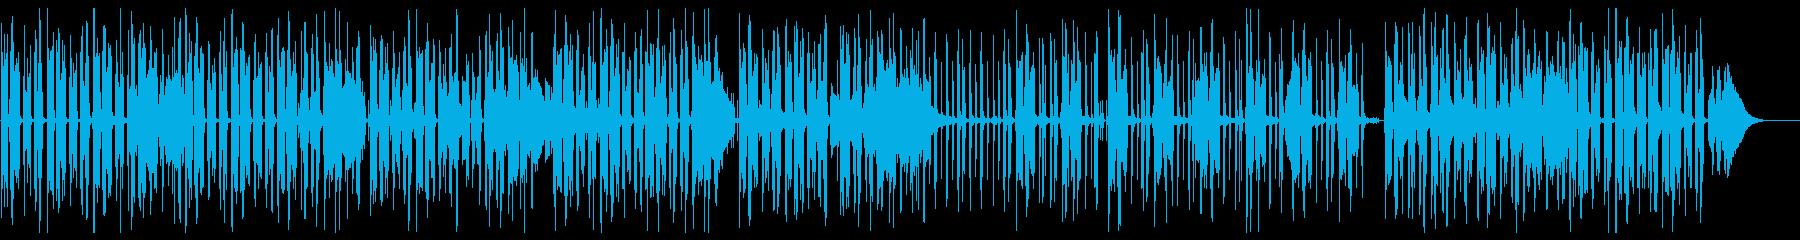 グルーヴ感のあるジャジーヒップホップの再生済みの波形